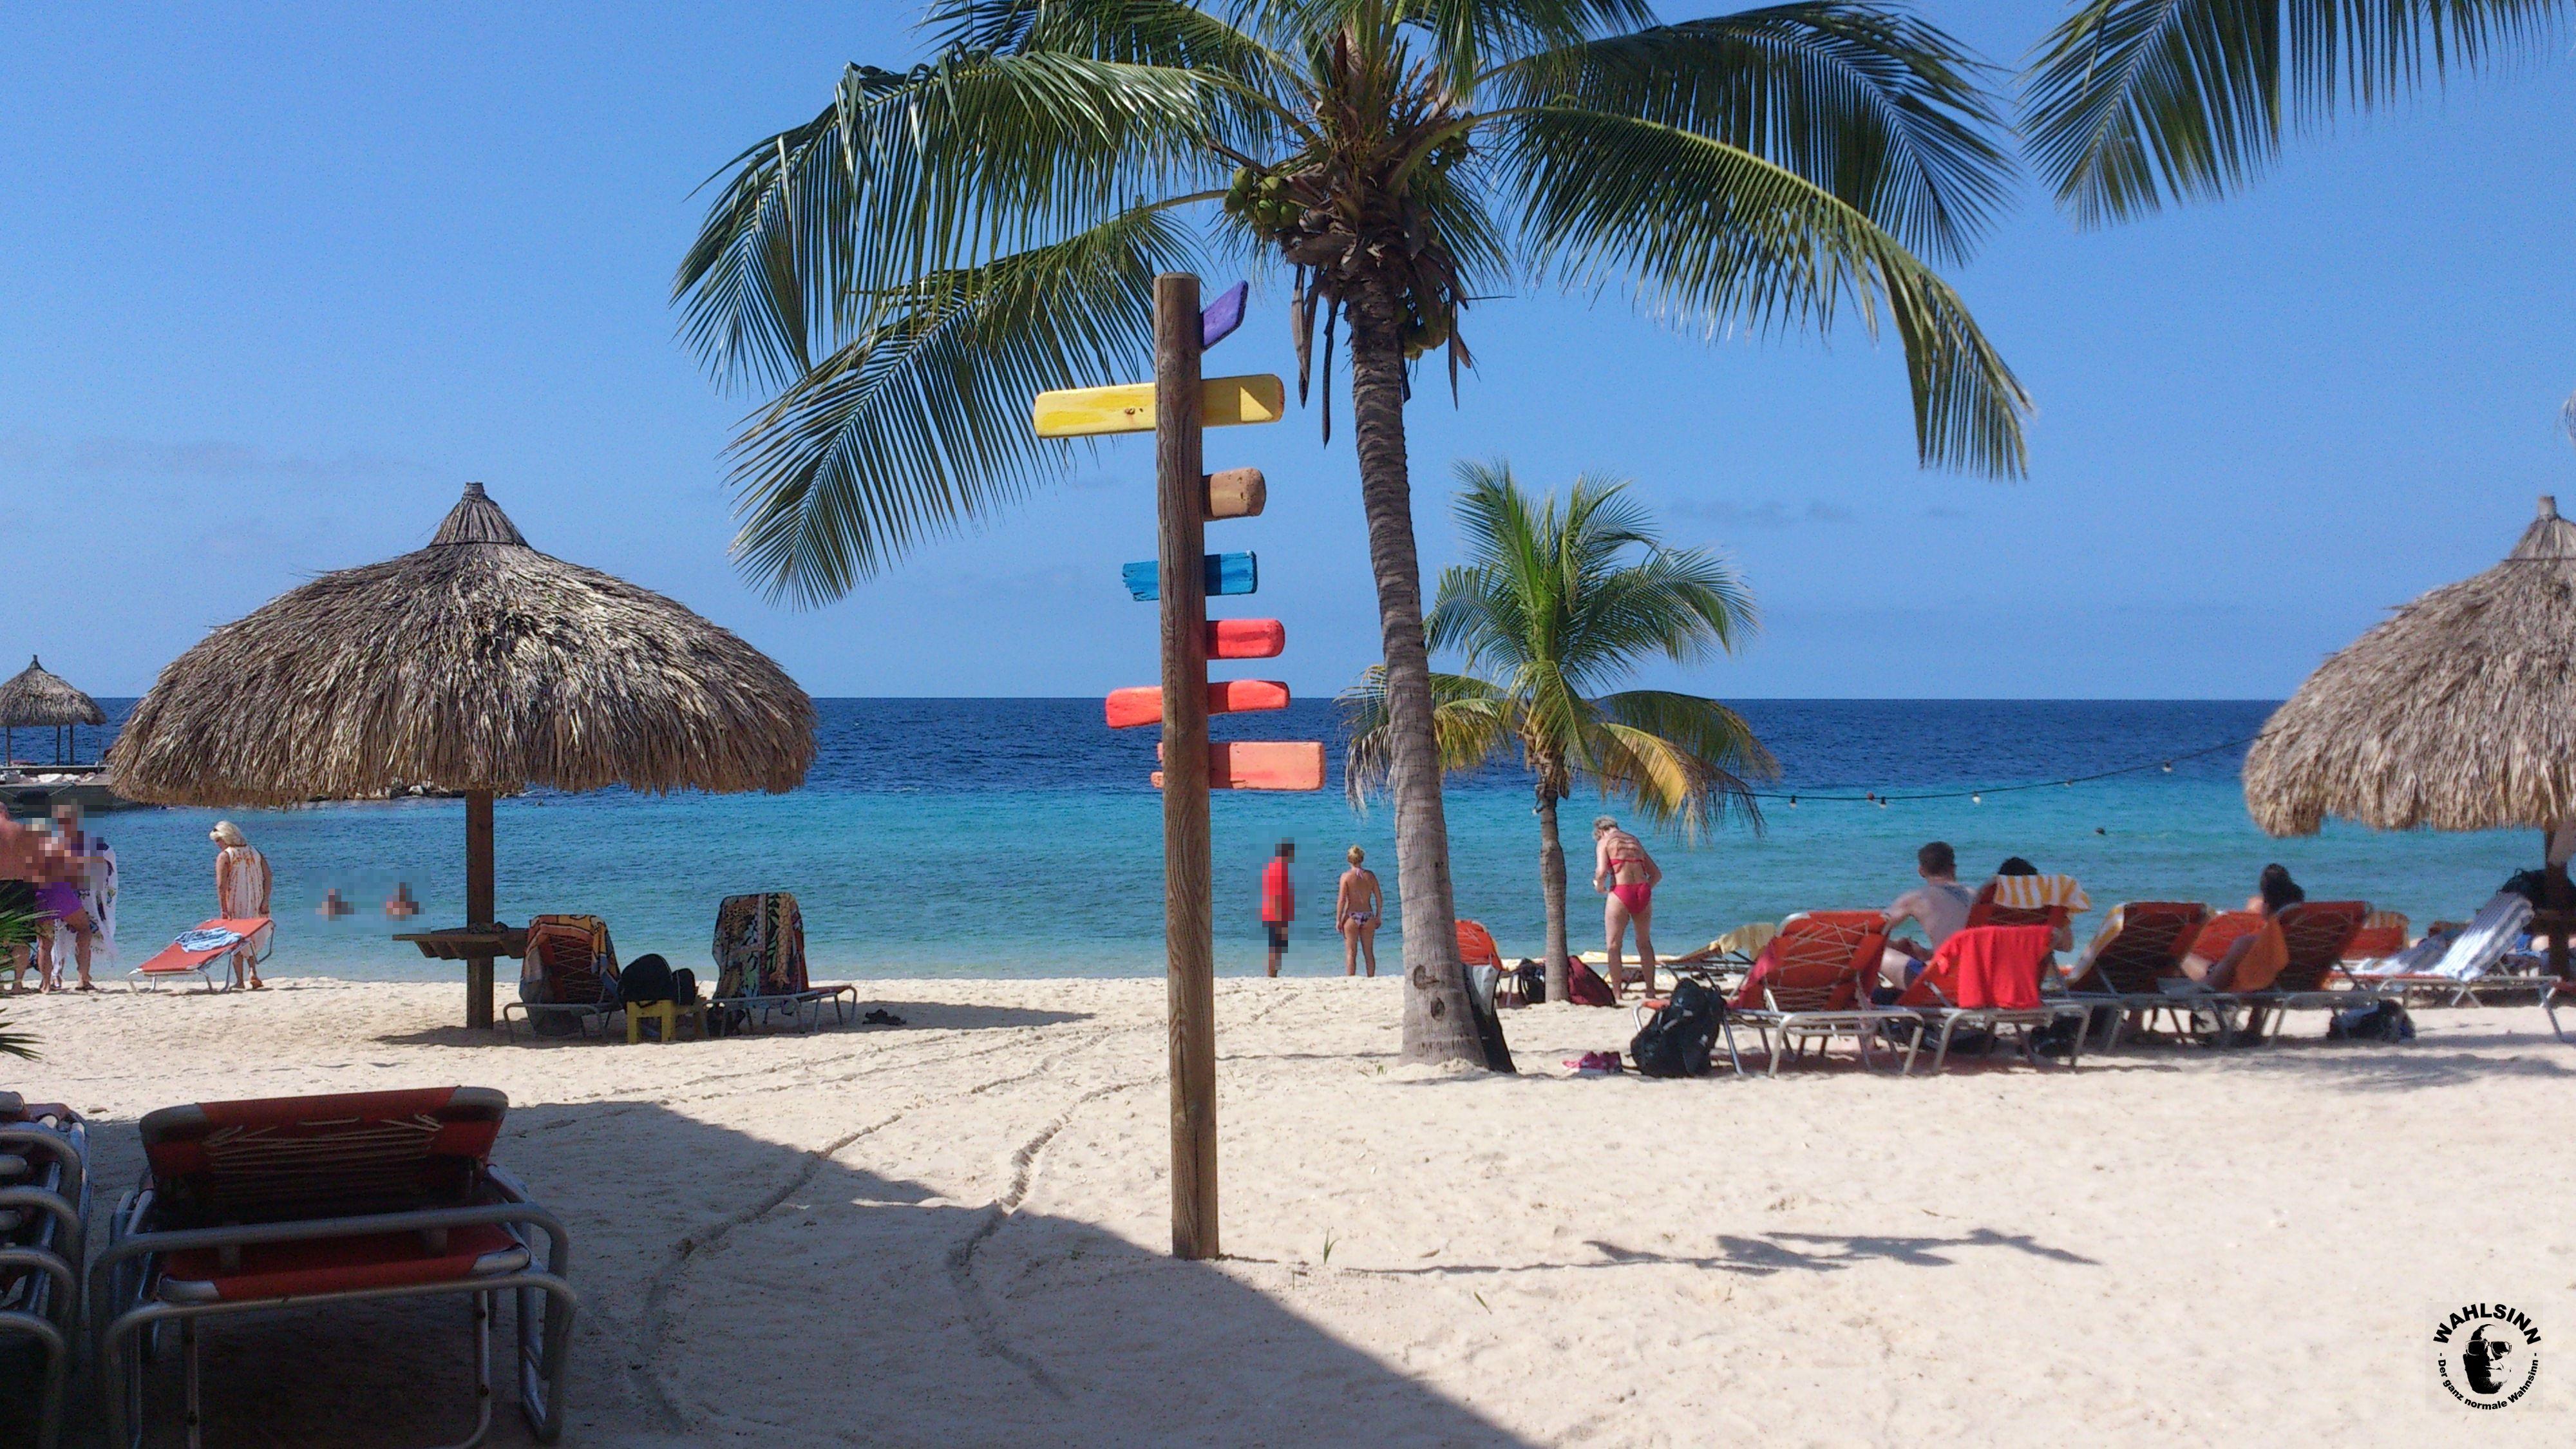 Curacao - Einer der bunten und herrlichen Strände auf der Kribischen Insel